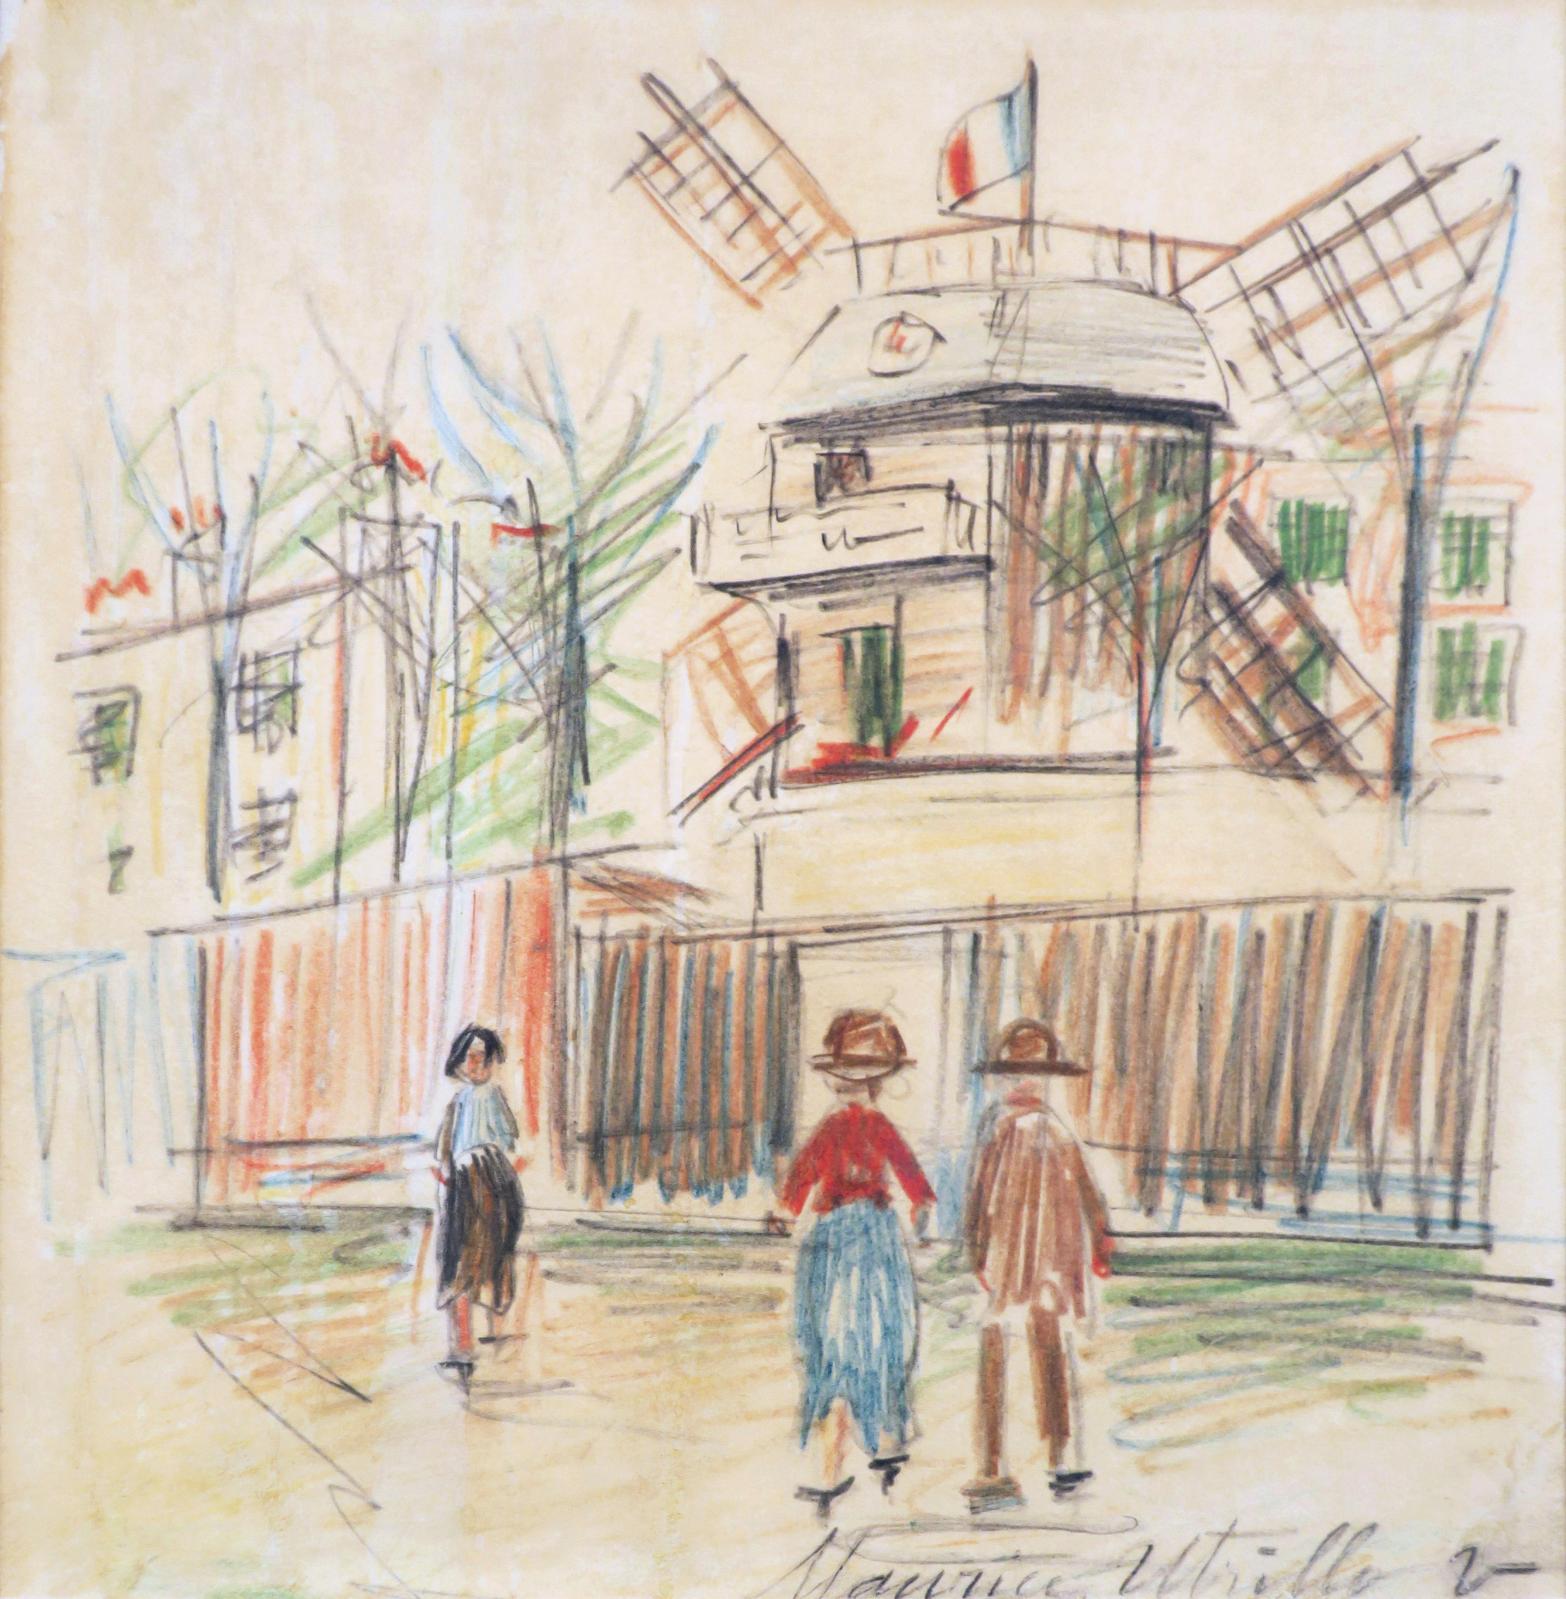 Maurice Utrillo (1883-1955), Montmartre, le moulin de la Galette, vers 1934, dessin aux crayons de couleur, 23x22cm. Troyes, 26 janvier